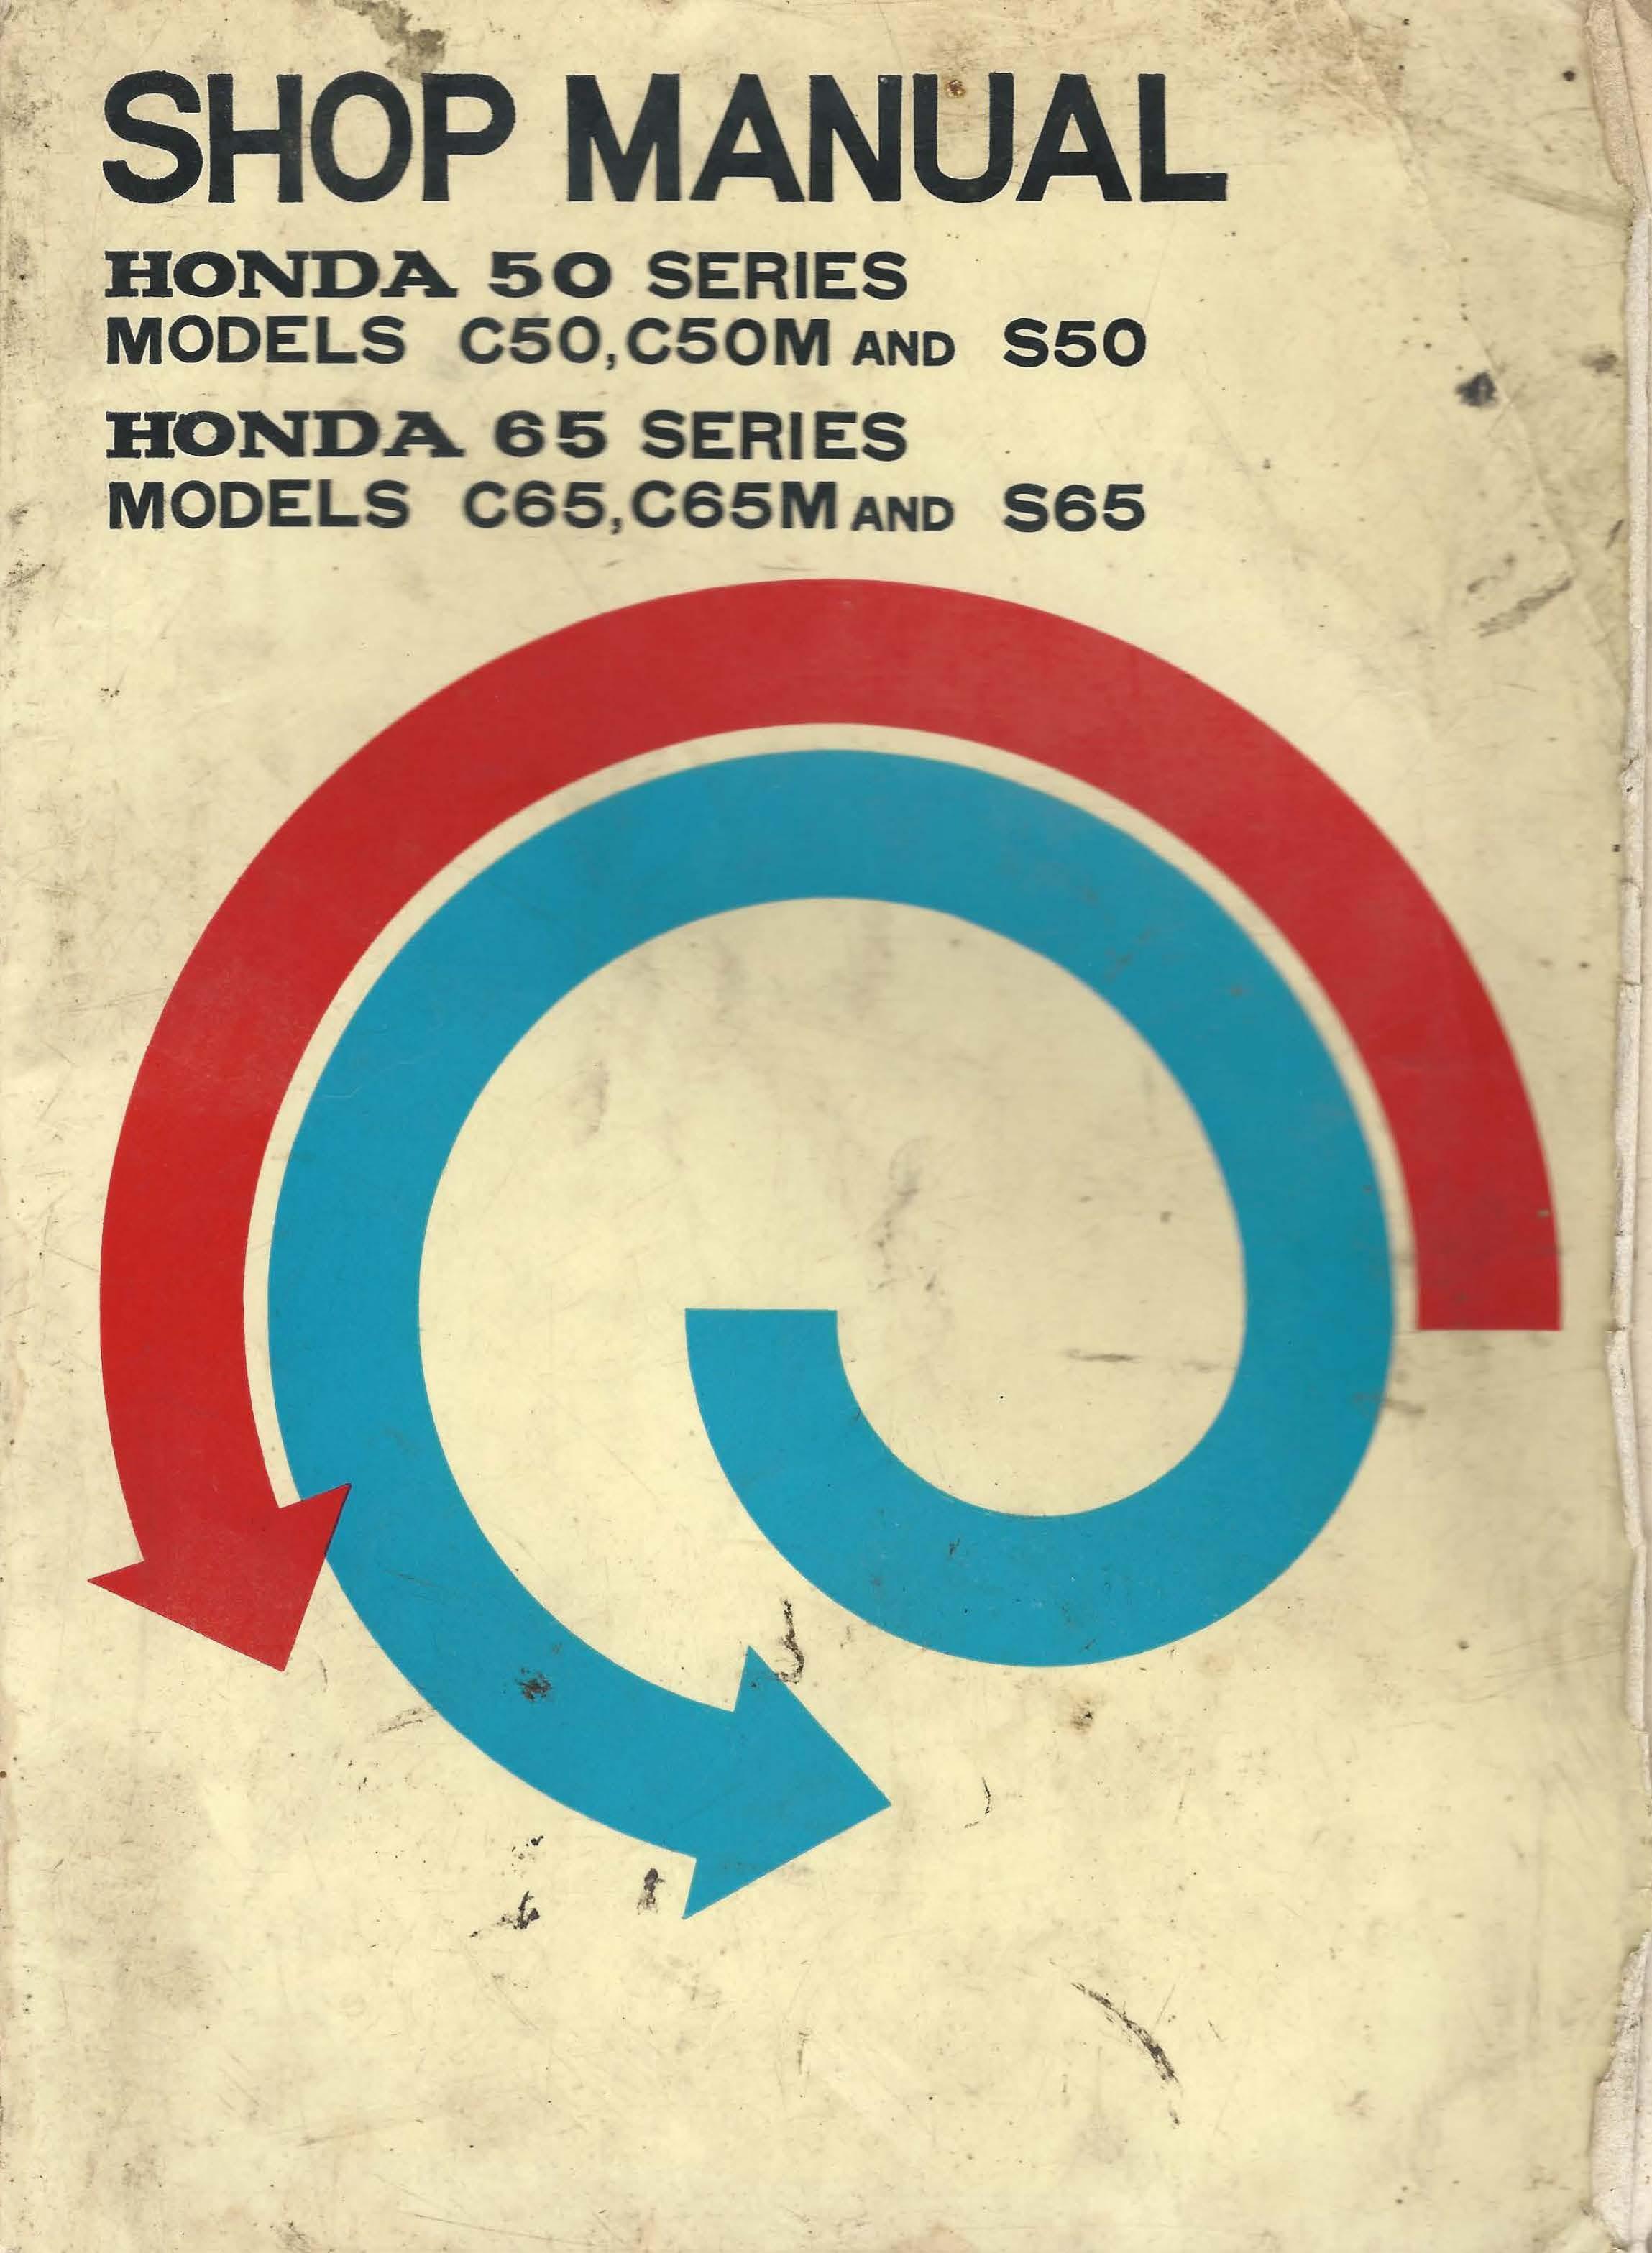 Workshop manual for Honda C65M (1966)